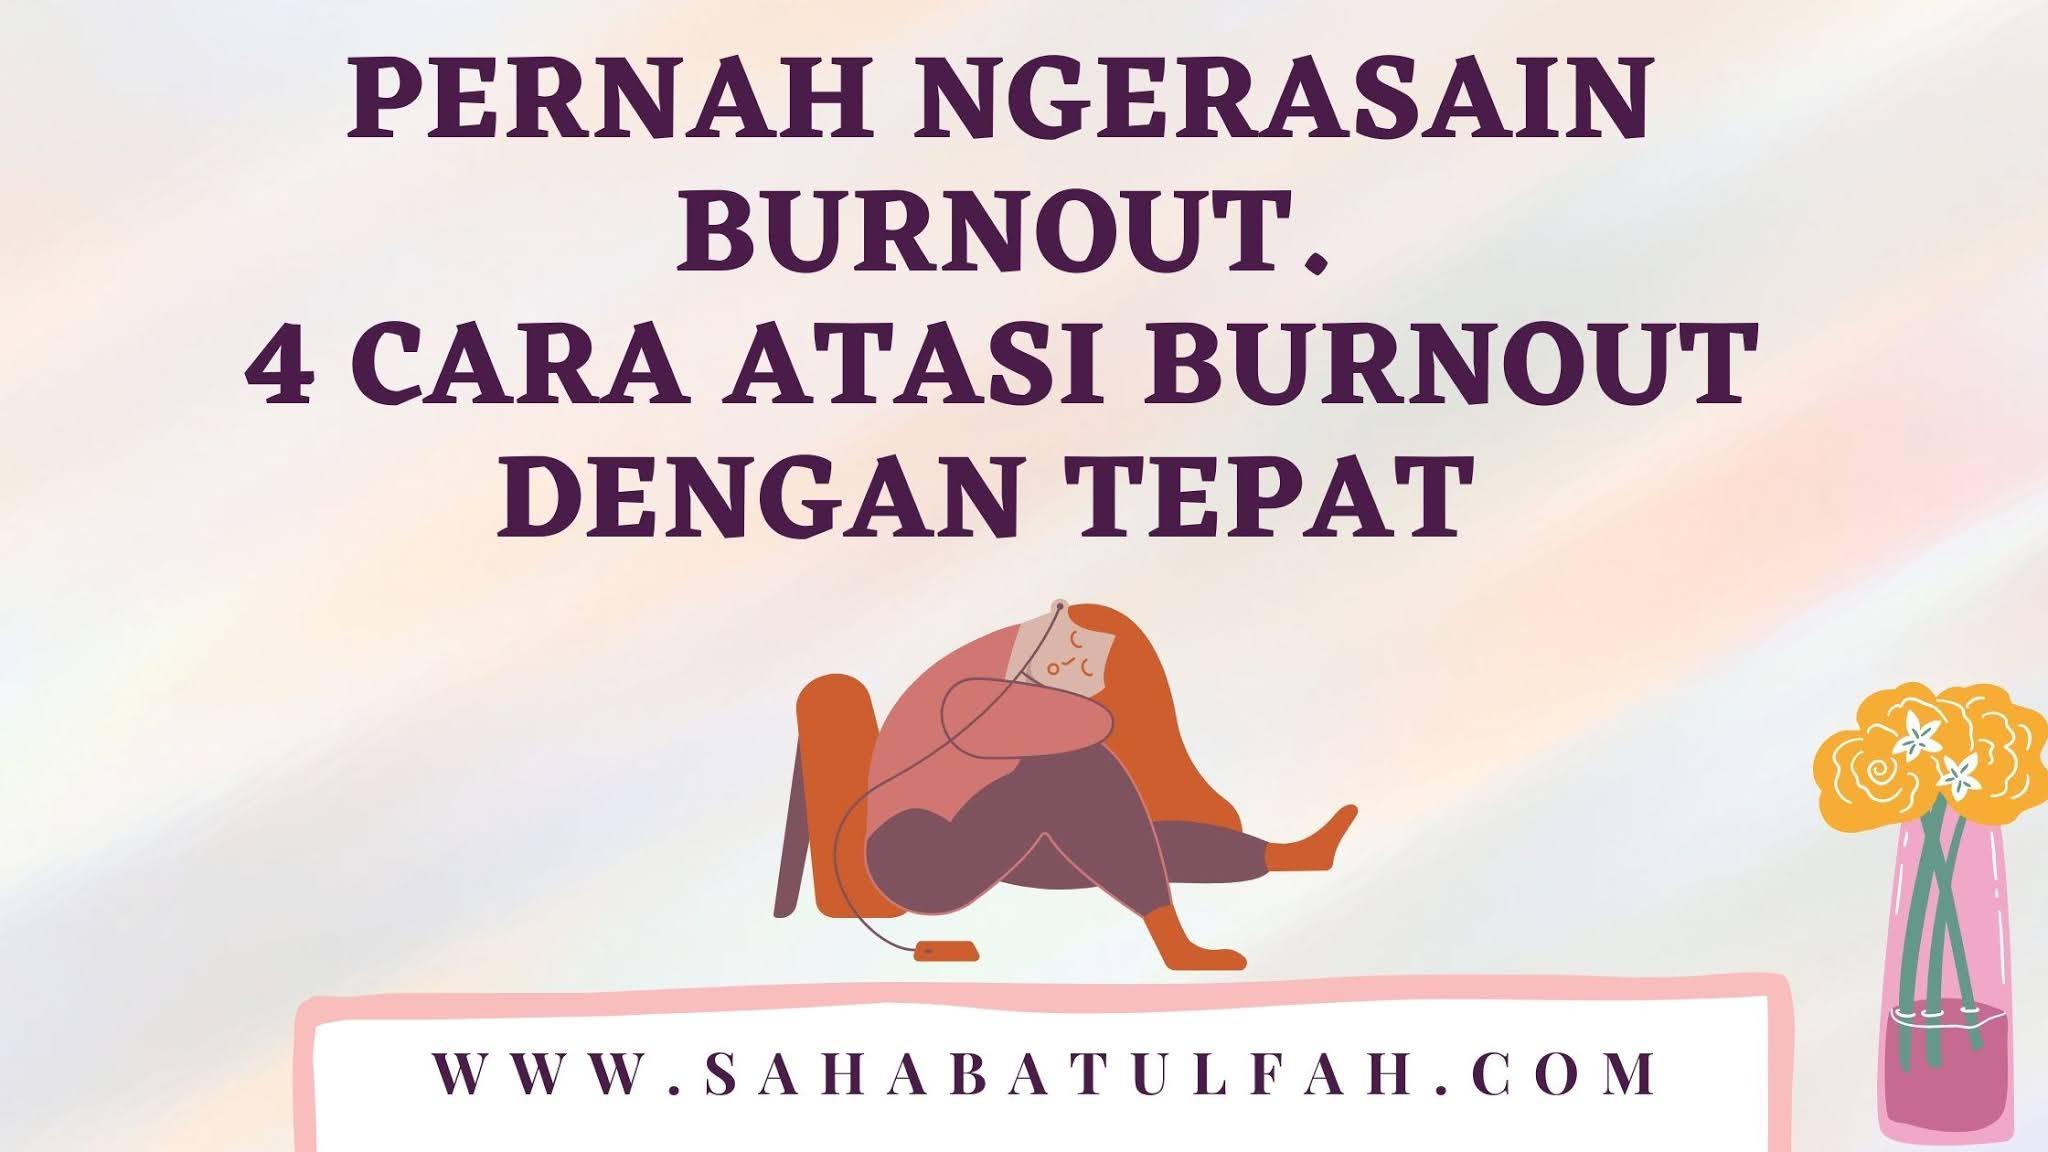 Pernah-Ngerasain-Burnout. 4-Cara-Atasi-Burnout-Dengan-Tepat